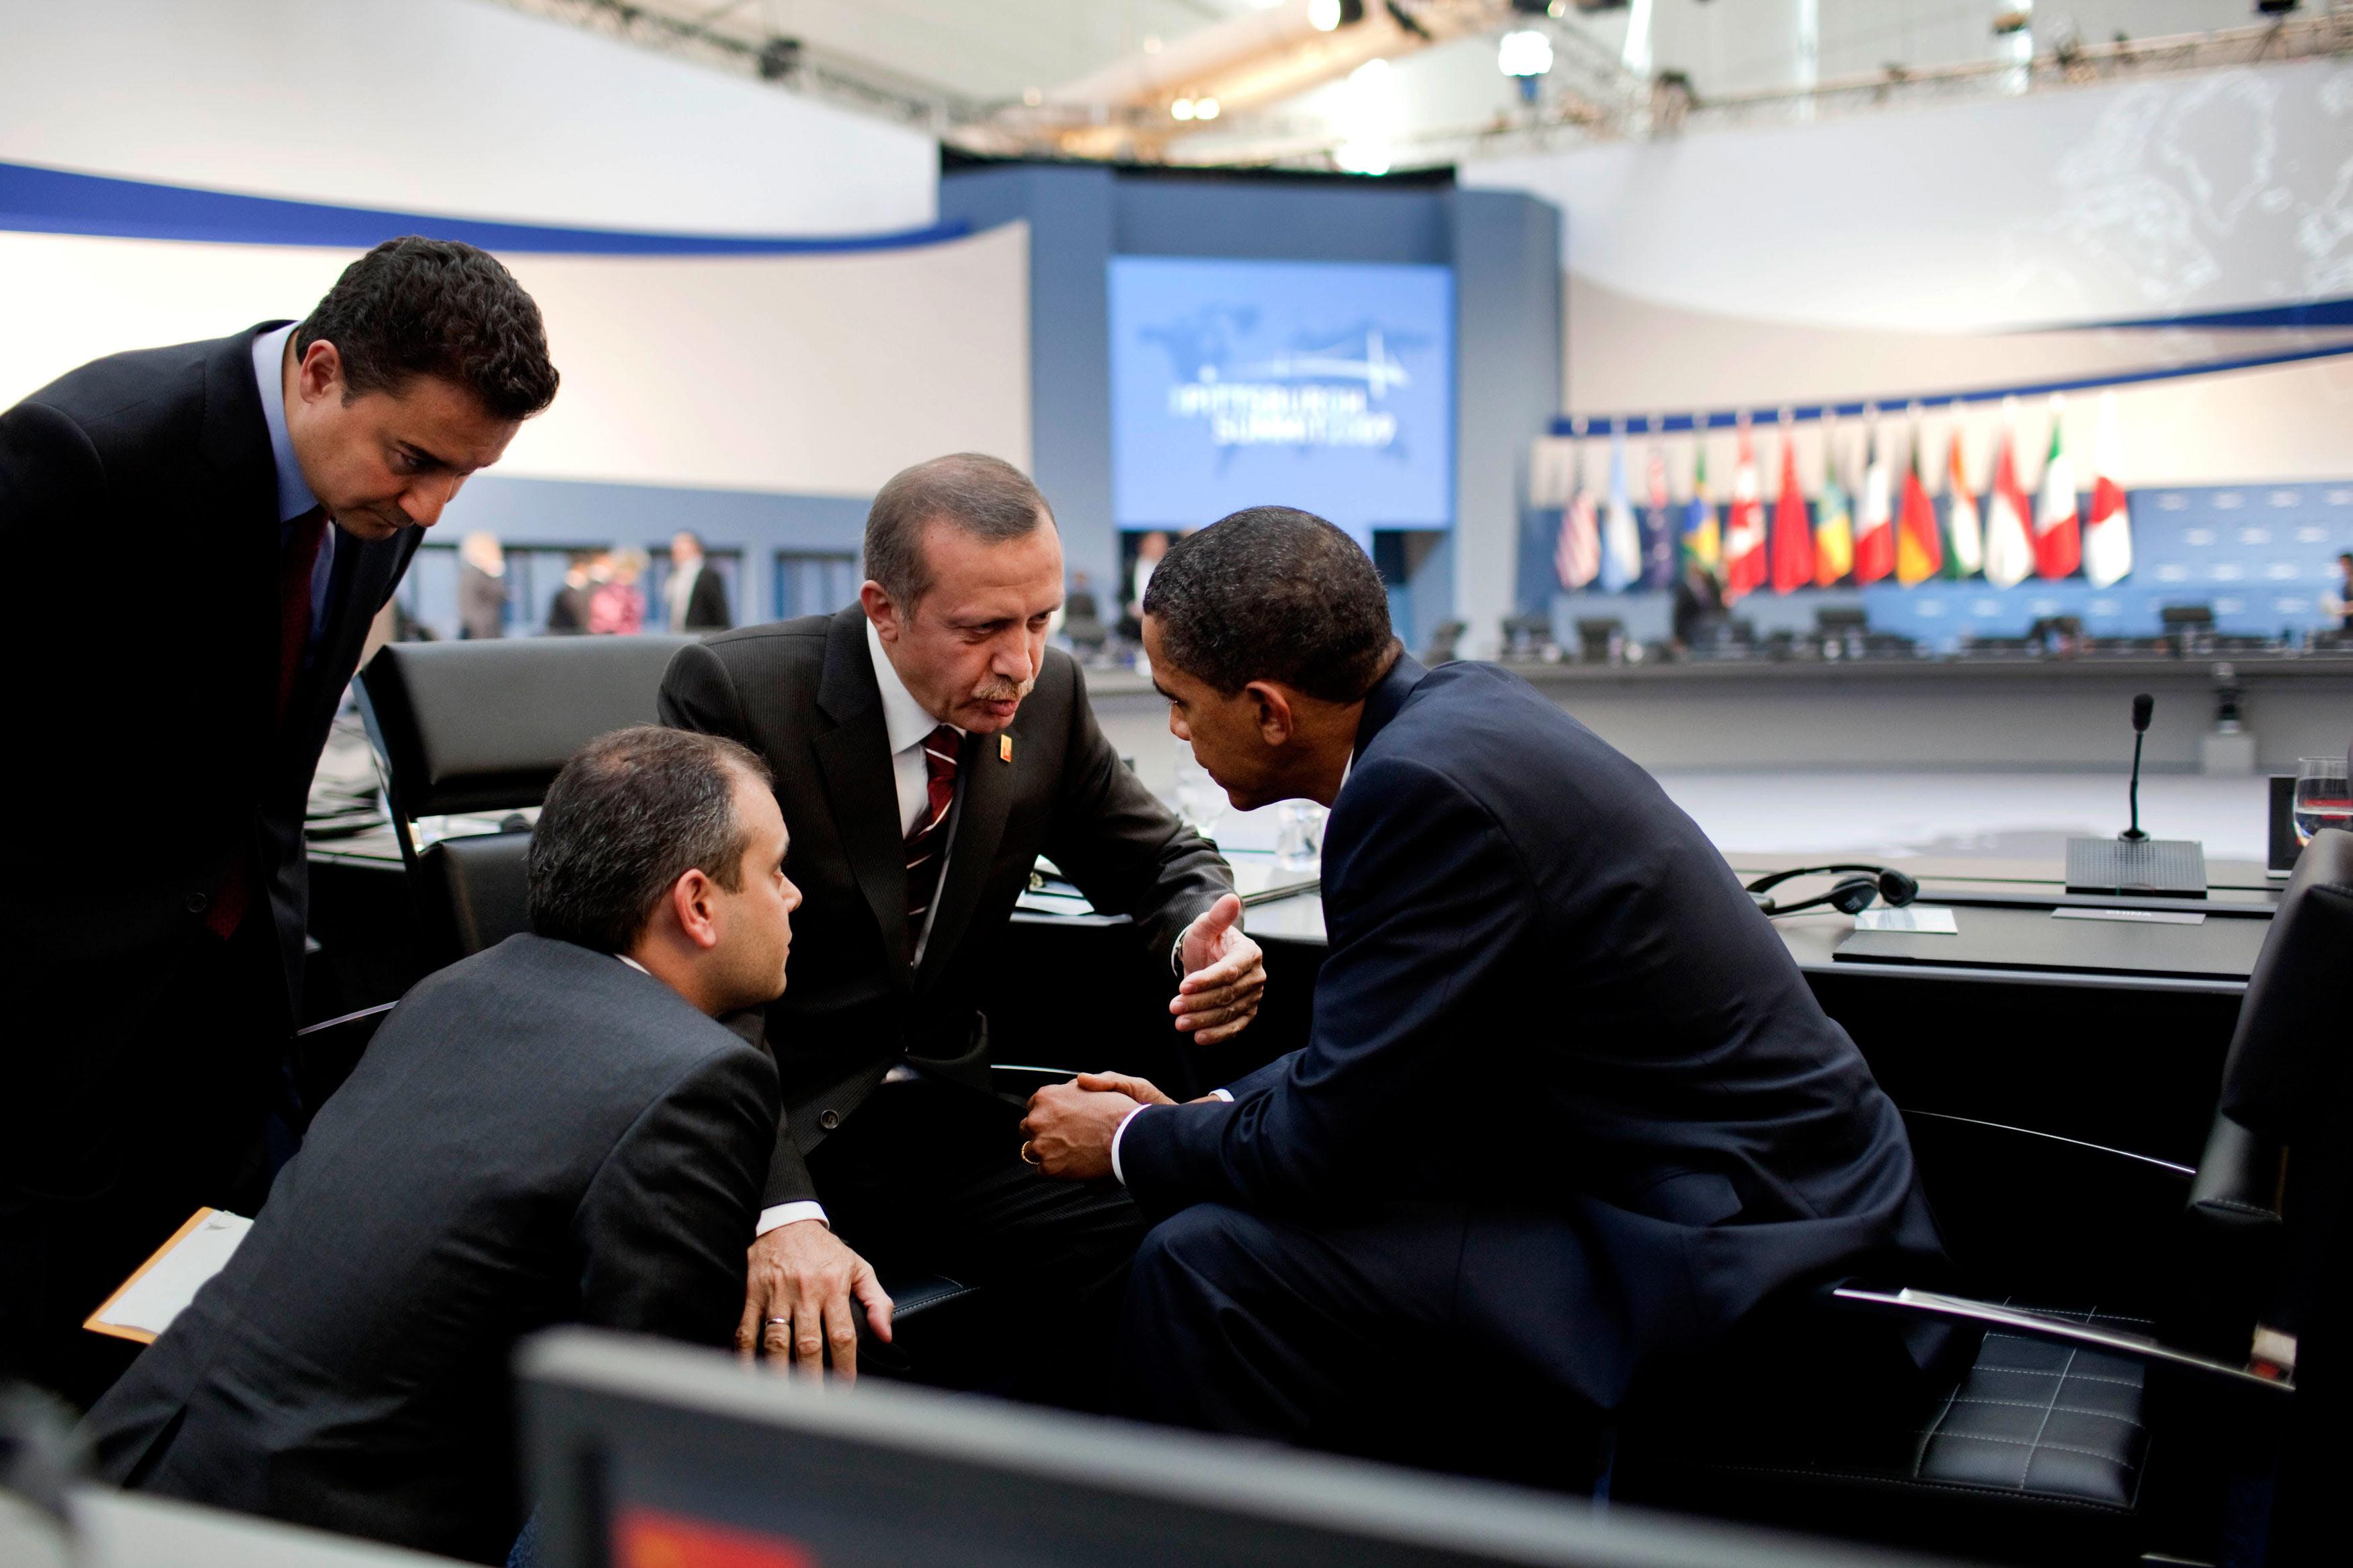 Στήνουν Σουνιτικό μπλοκ με κέντρο την Τουρκία